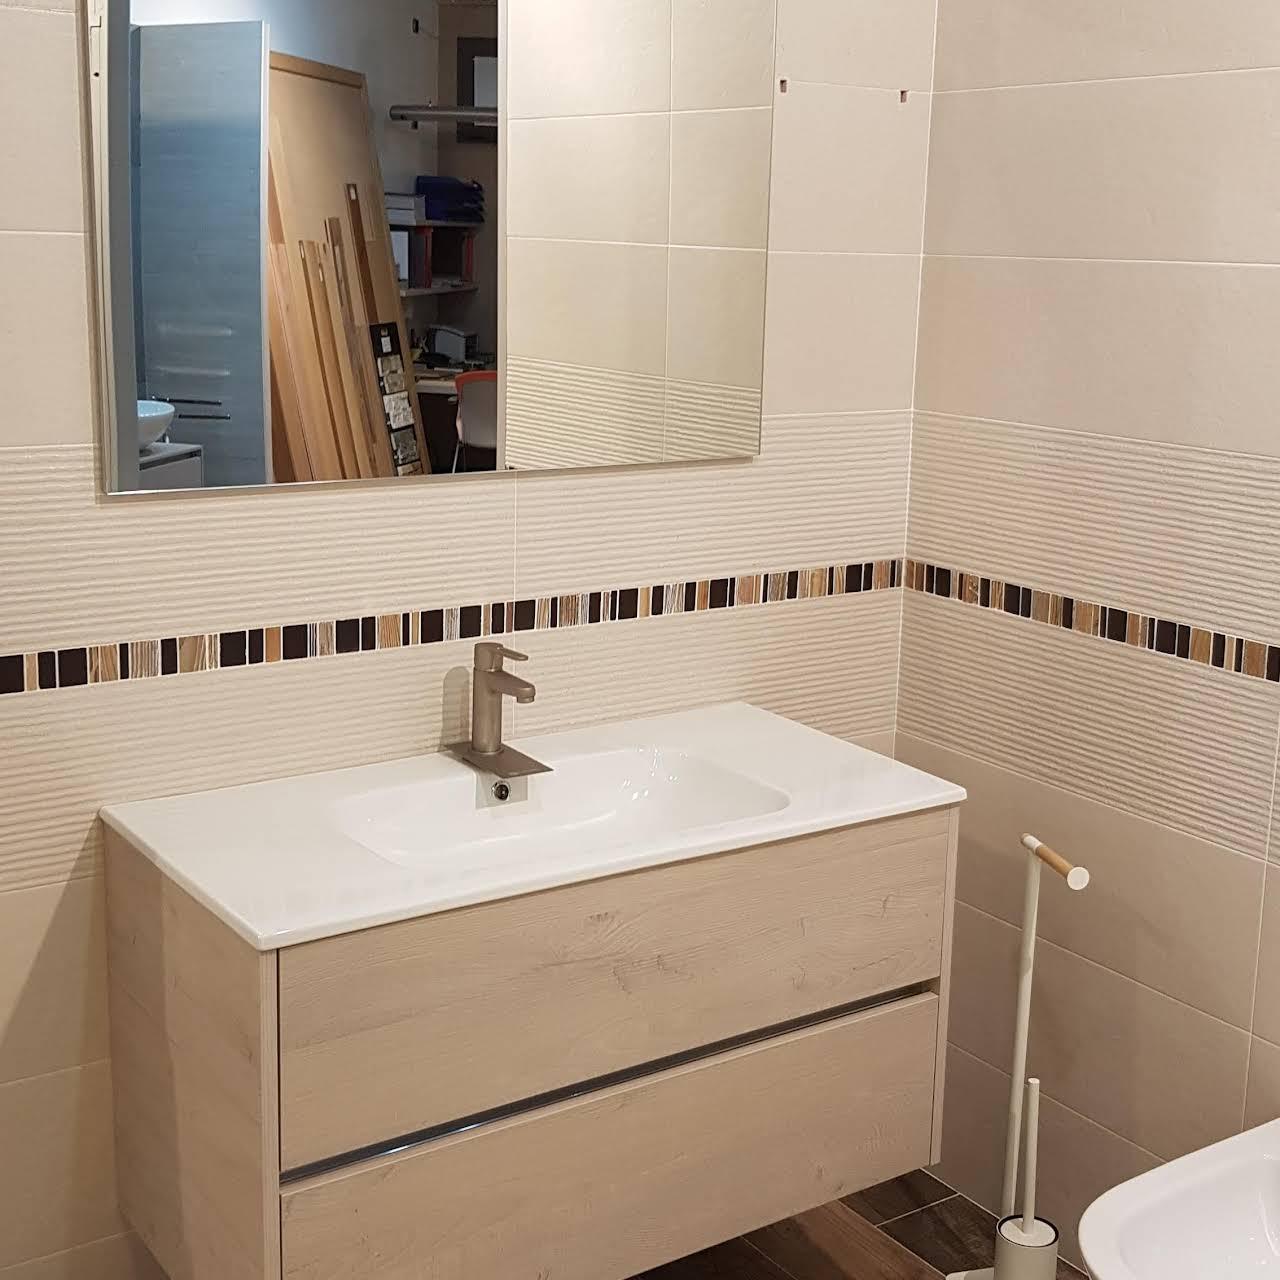 Trento Ceramiche - Pavimenti, rivestimenti, arredo bagno